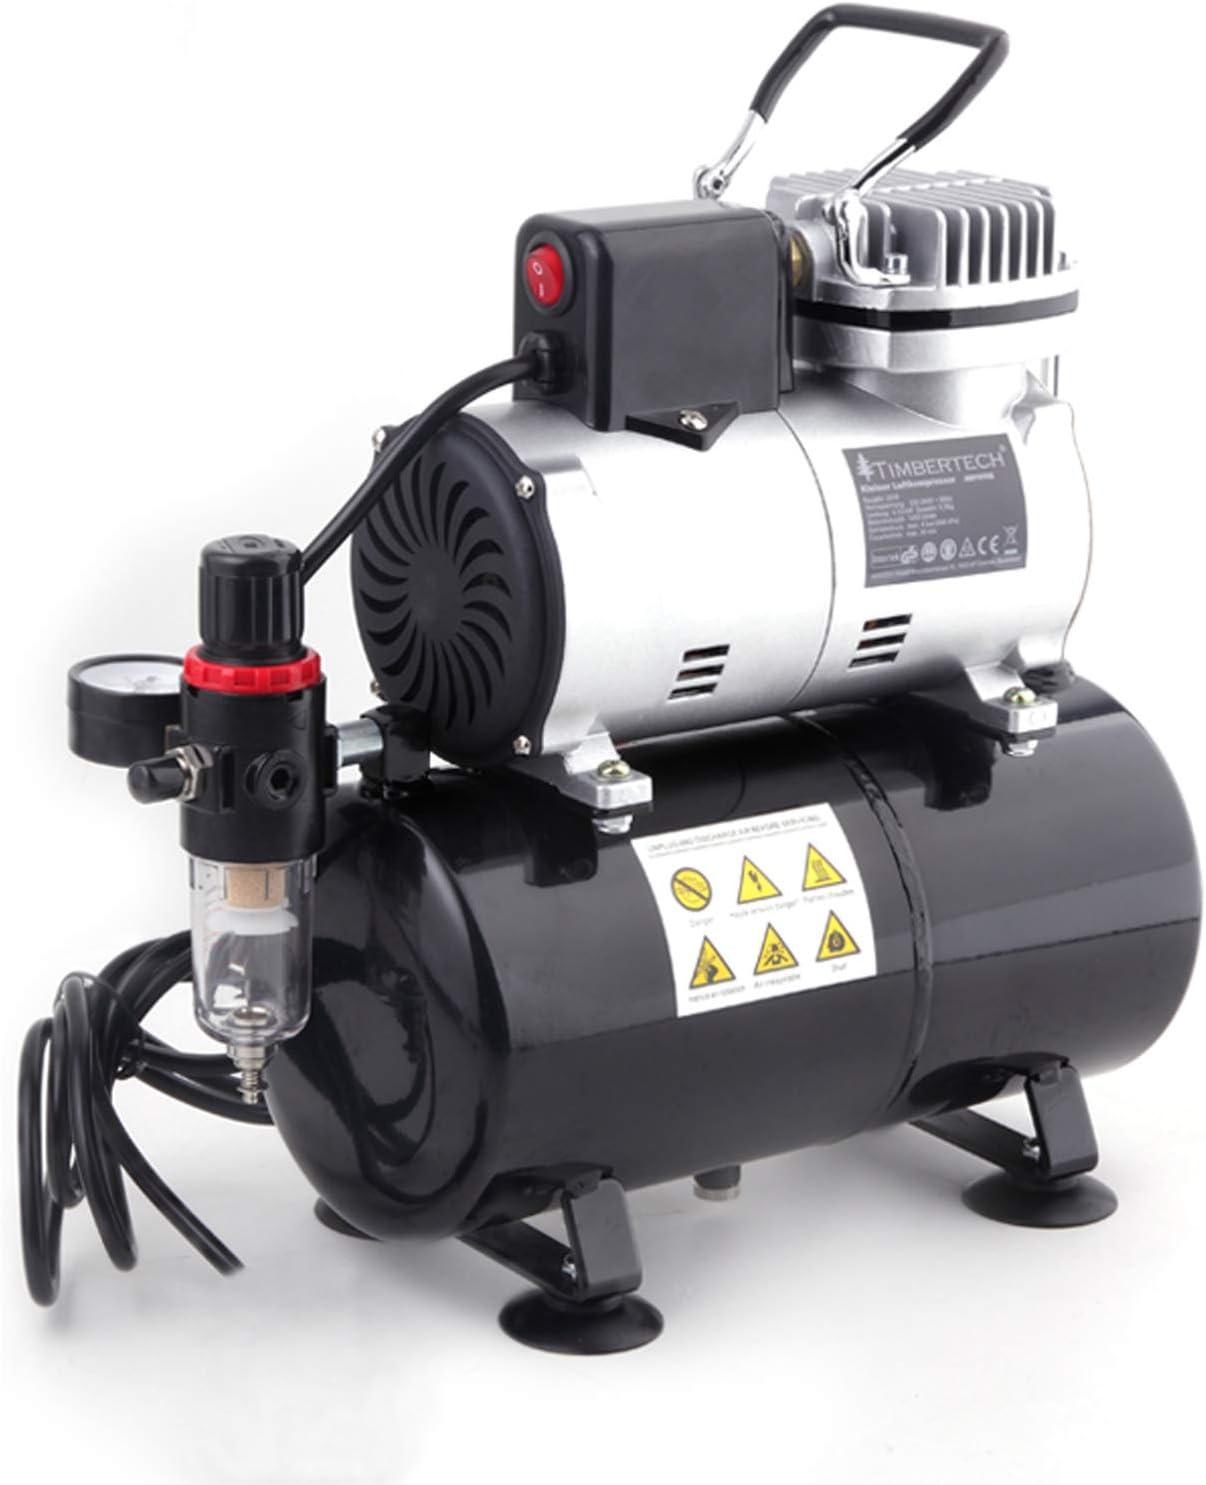 TIMBERTECH compresor aerografo mejorado con ventilador de enfriamiento / tanque de aire / autoarranque automático para belleza, tatuajes, uñas, etc.